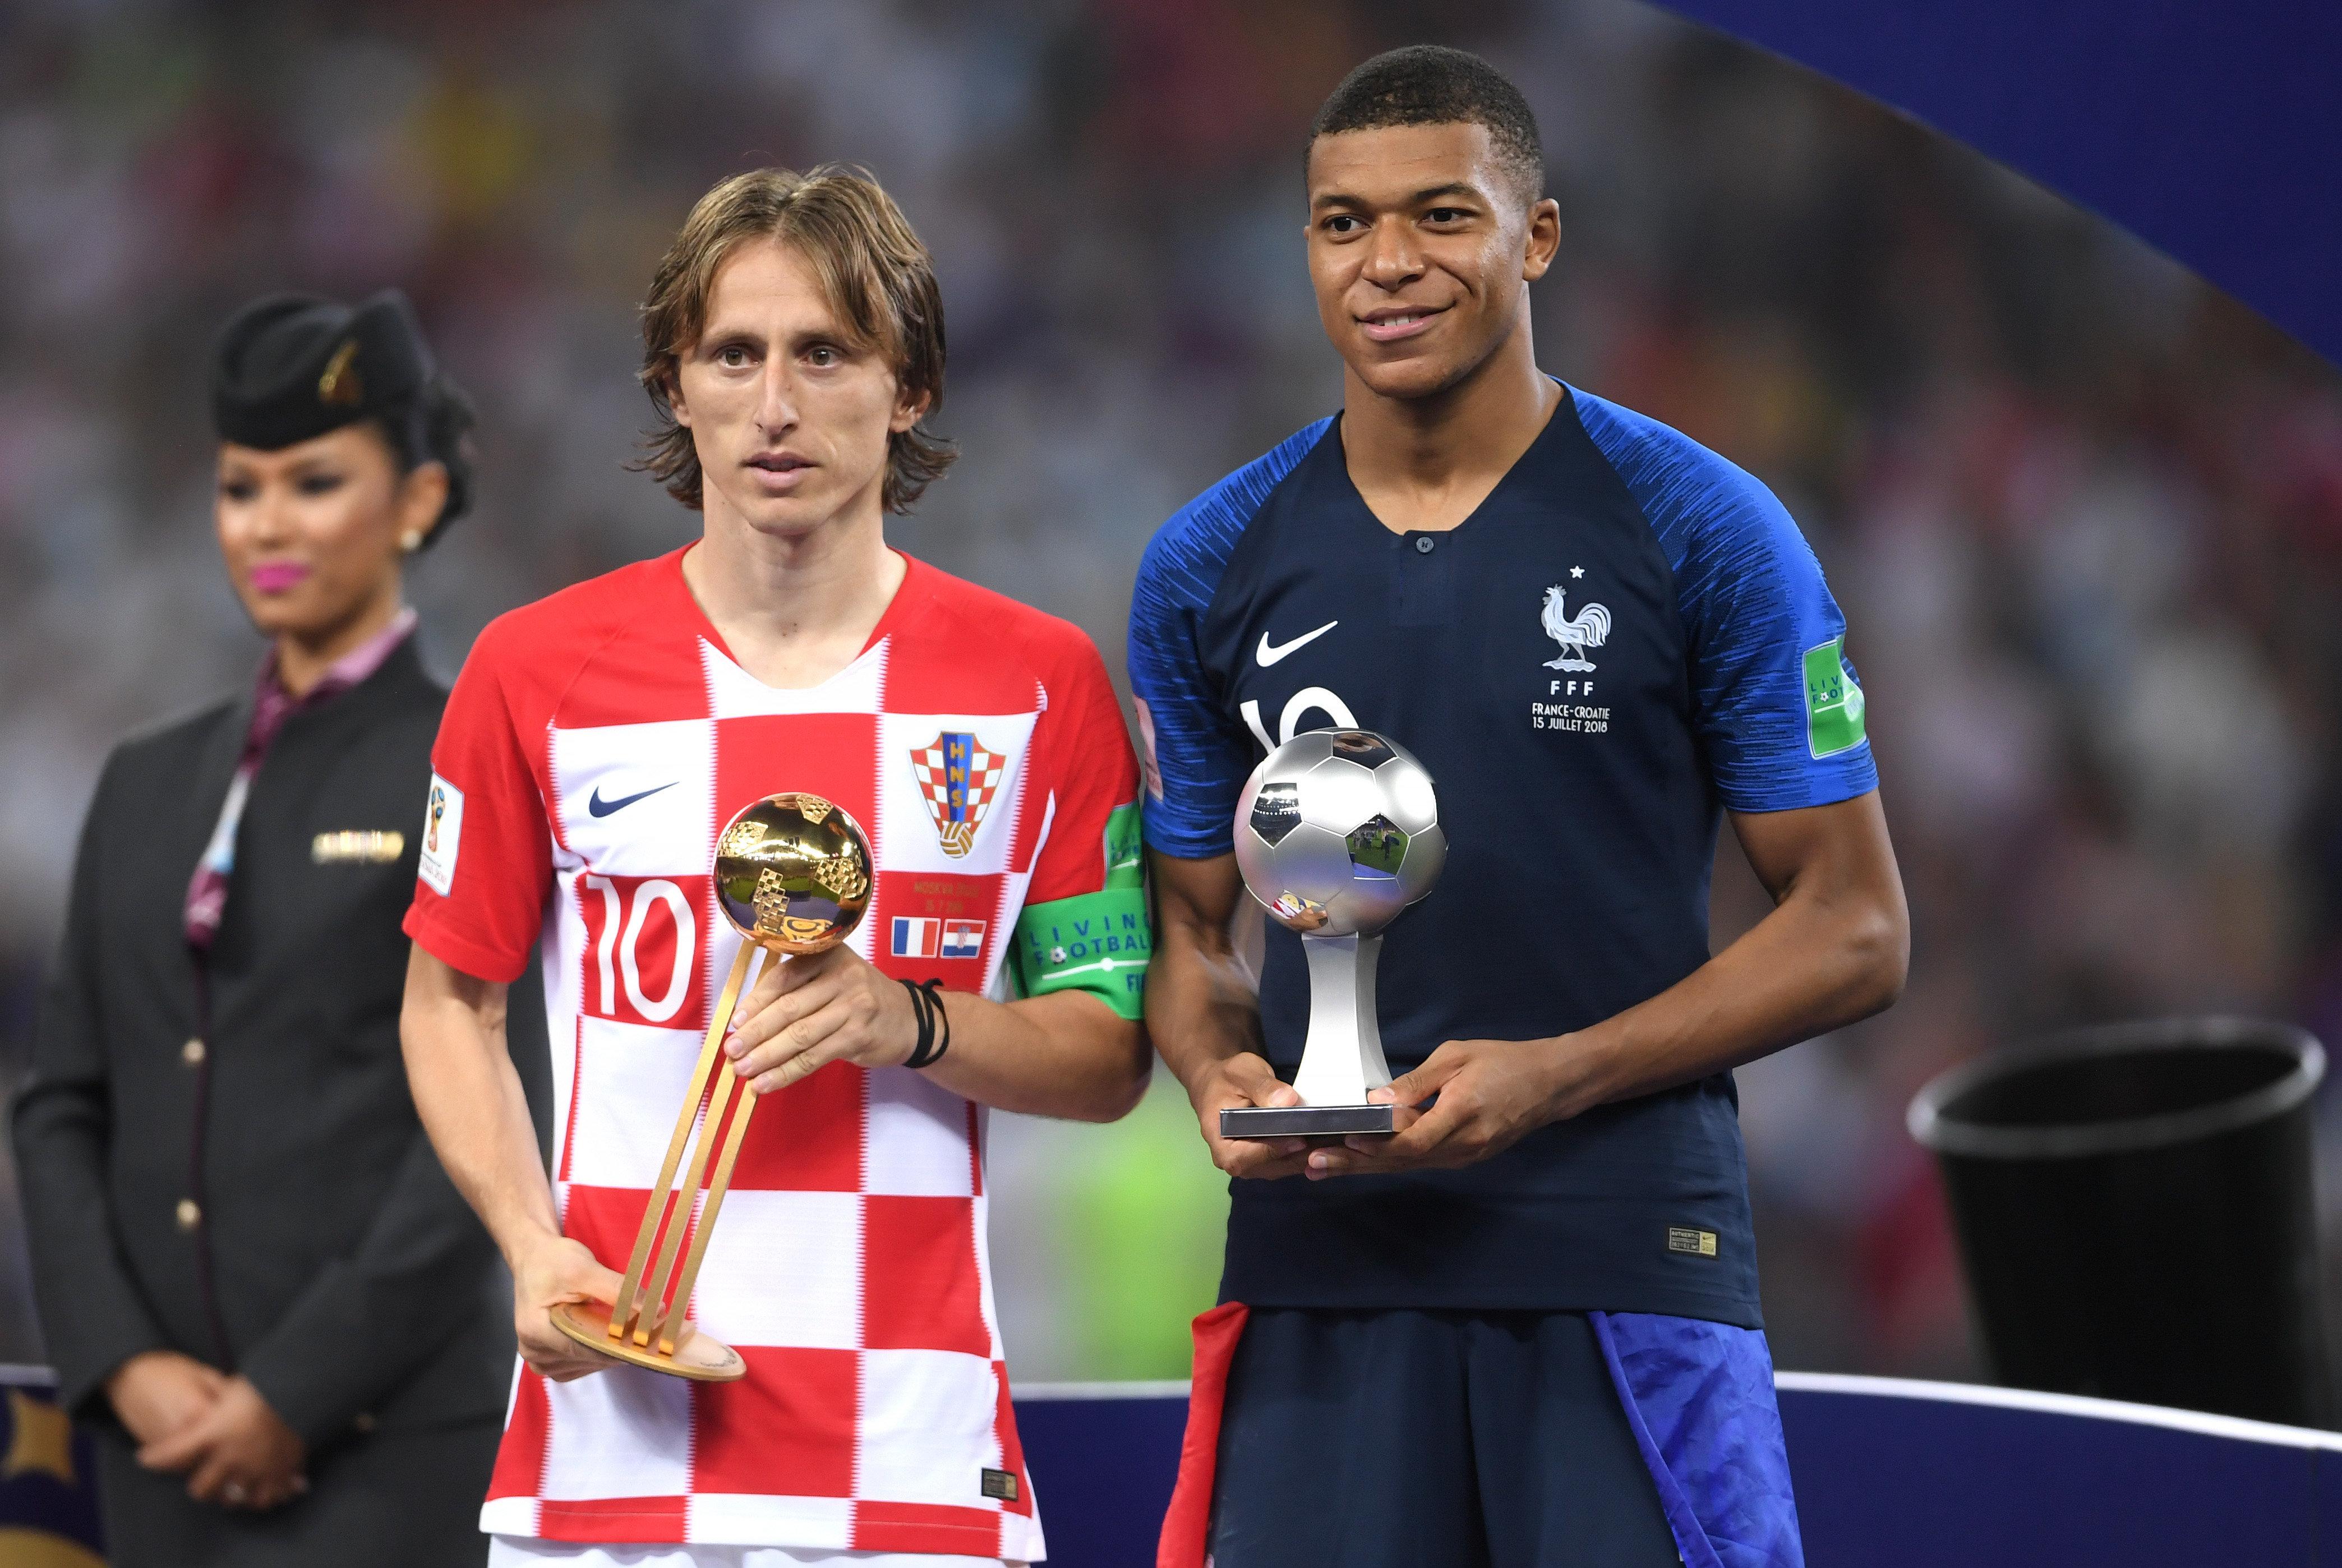 월드컵이 끝났고, 발롱도르 유력 후보가 조금 바뀌었다